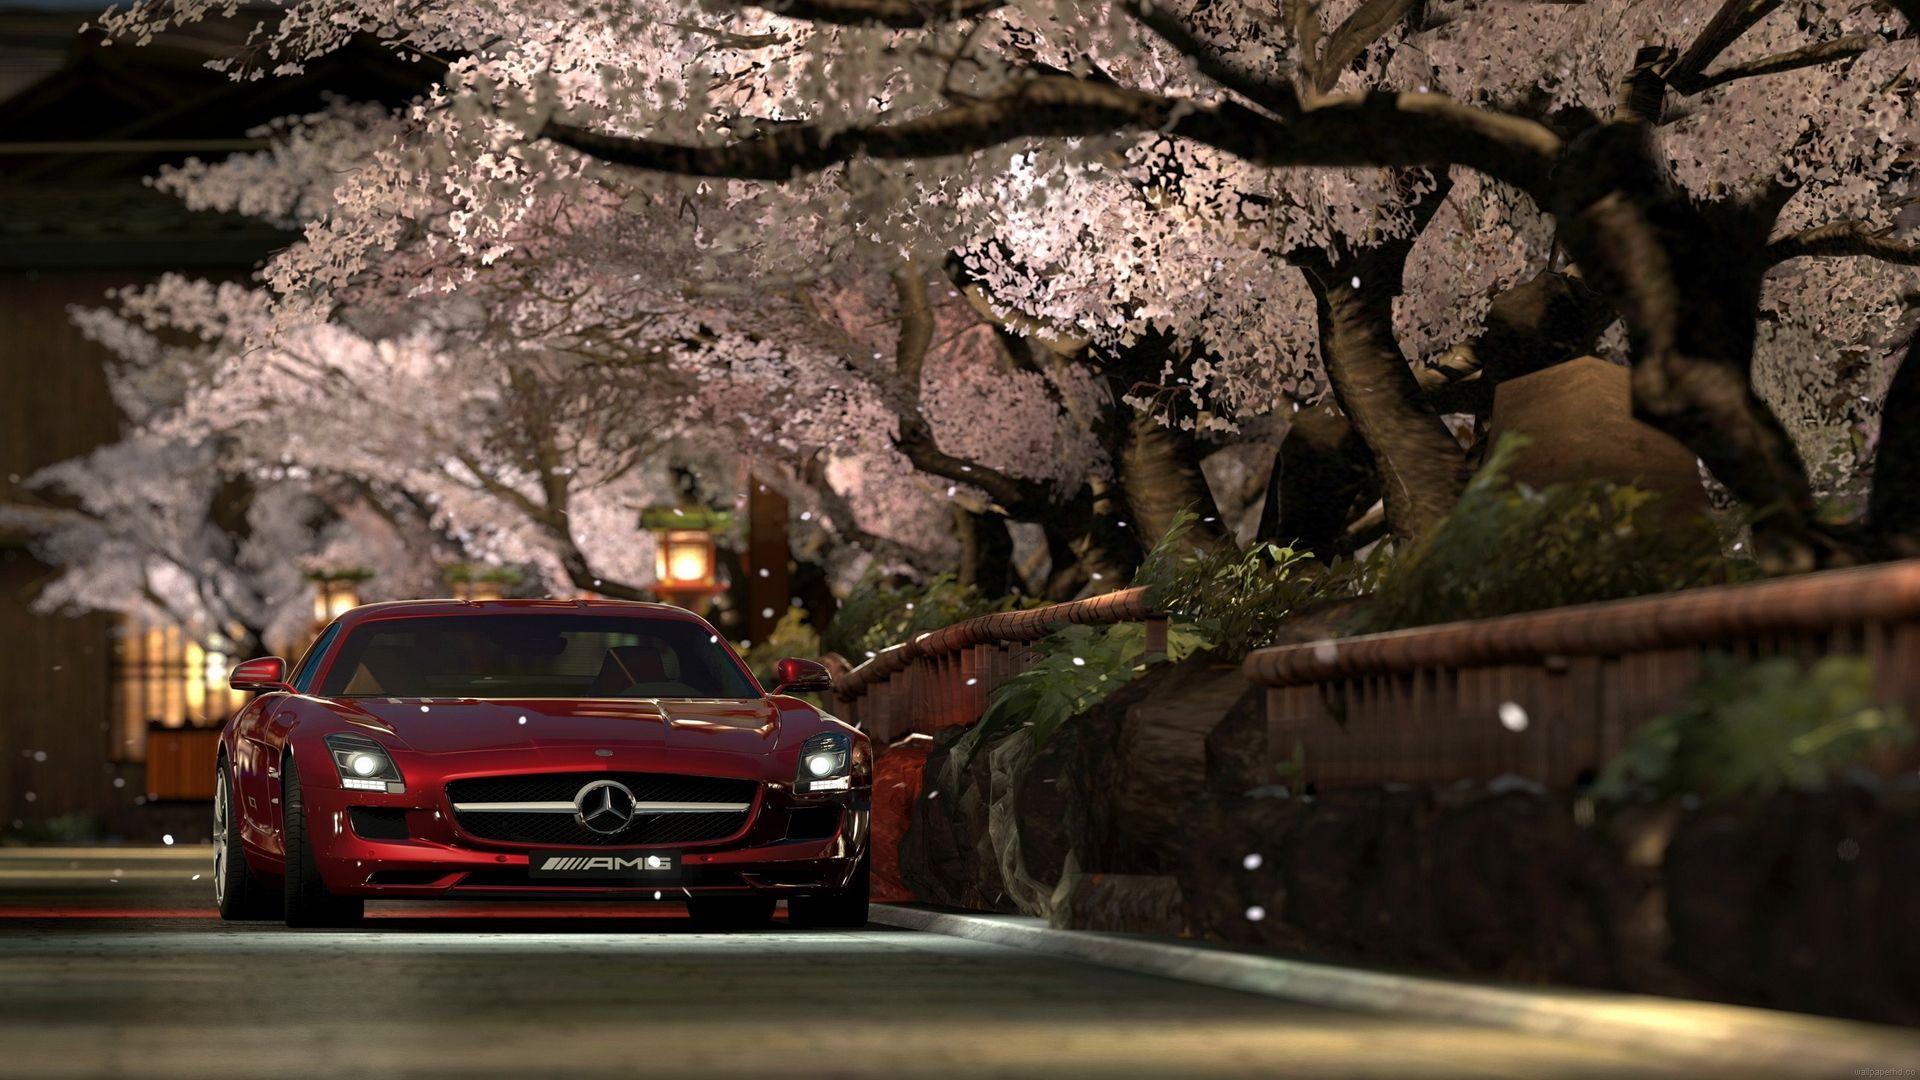 car wallpaper hd 1080p